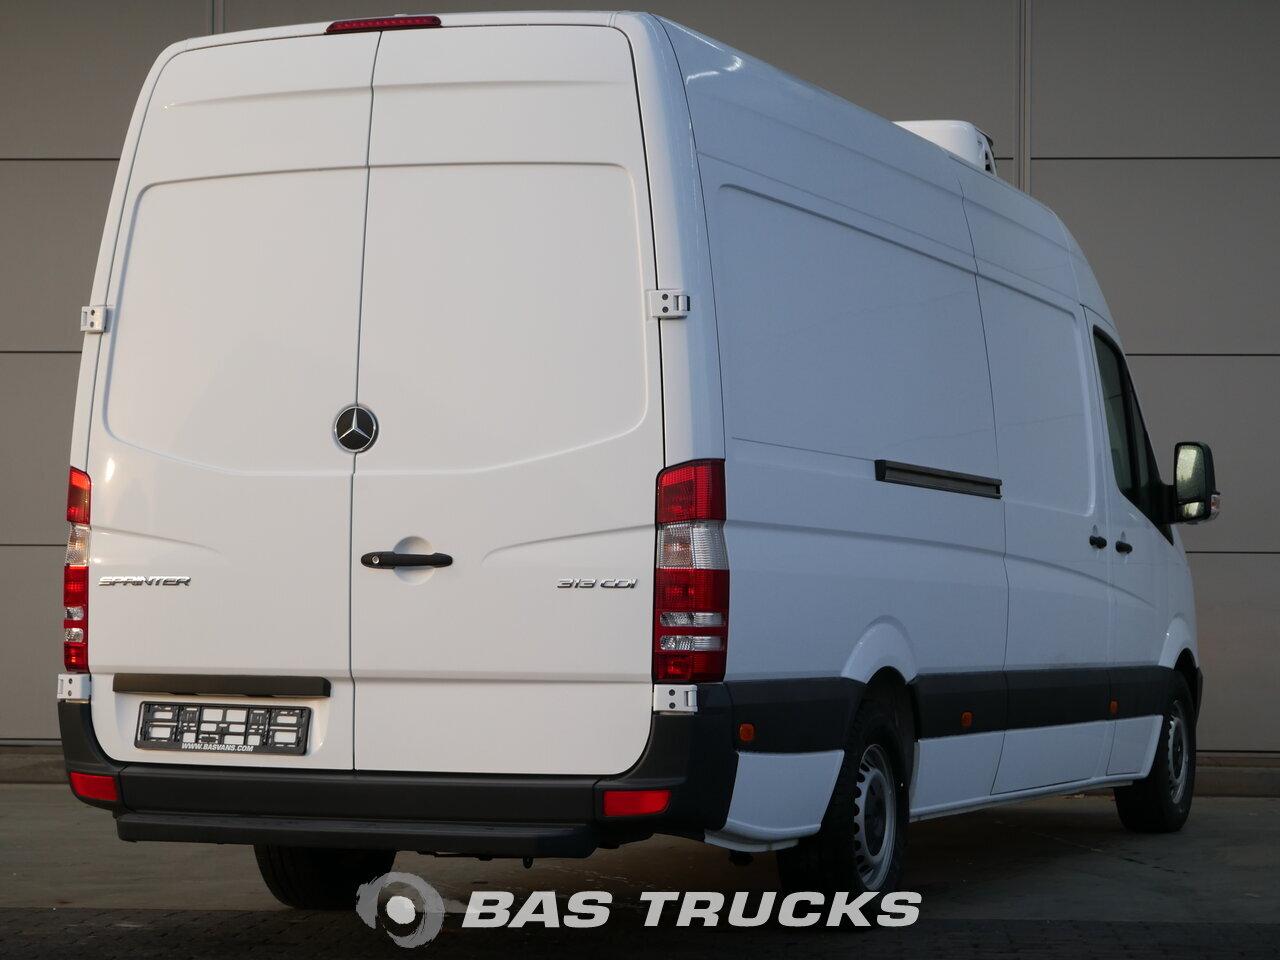 mercedes sprinter light commercial vehicle bas trucks. Black Bedroom Furniture Sets. Home Design Ideas